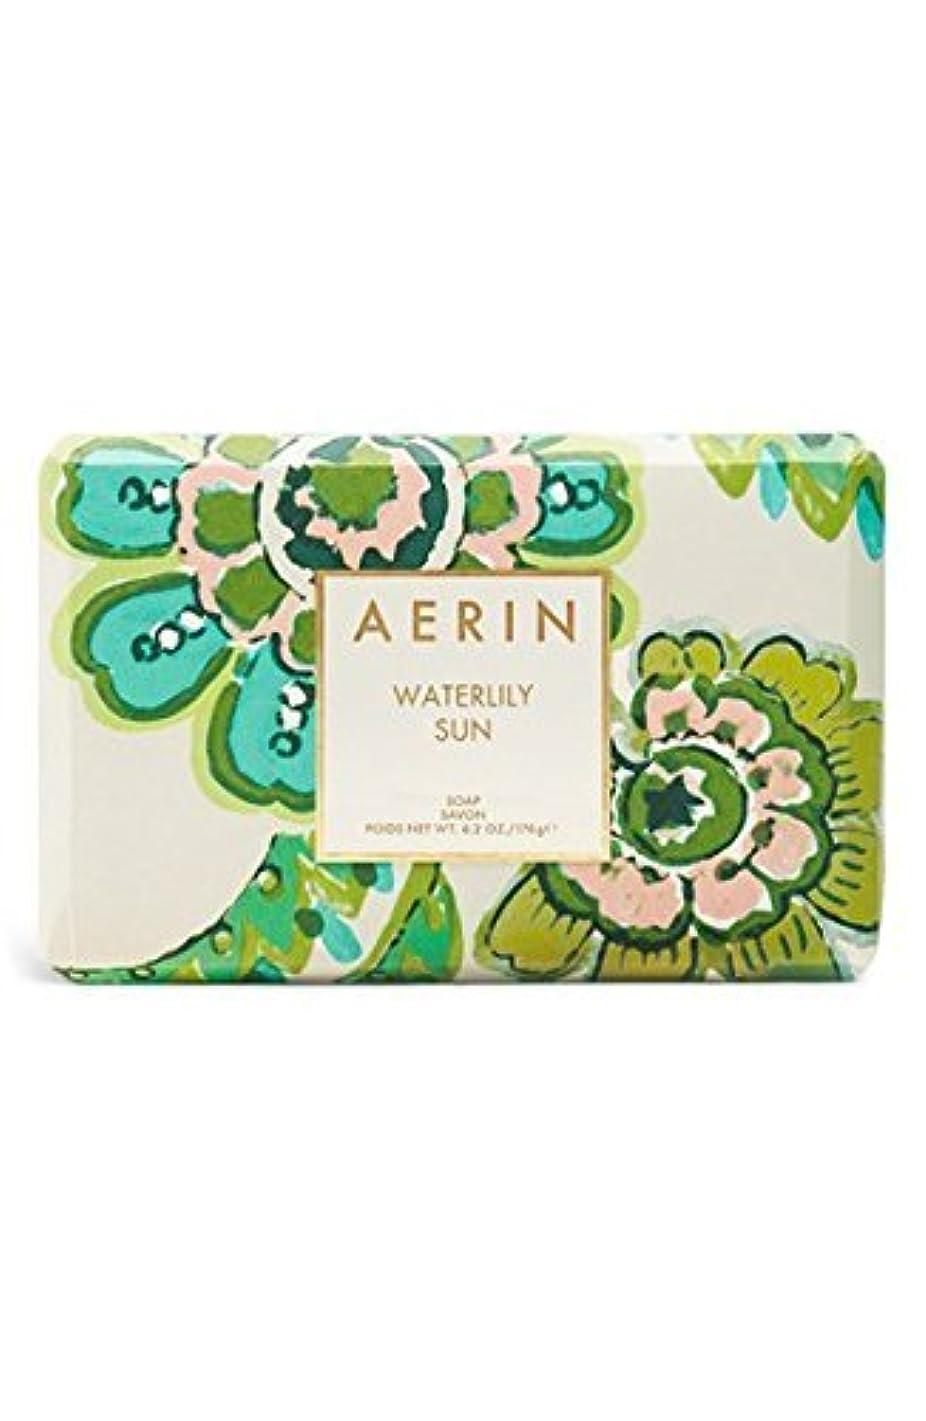 摘む信頼一貫性のないAERIN 'Waterlily Sun' (アエリン ウオーターリリー サン) 6.2 oz (50ml) Body Soap 固形石鹸 by Estee Lauder for Women